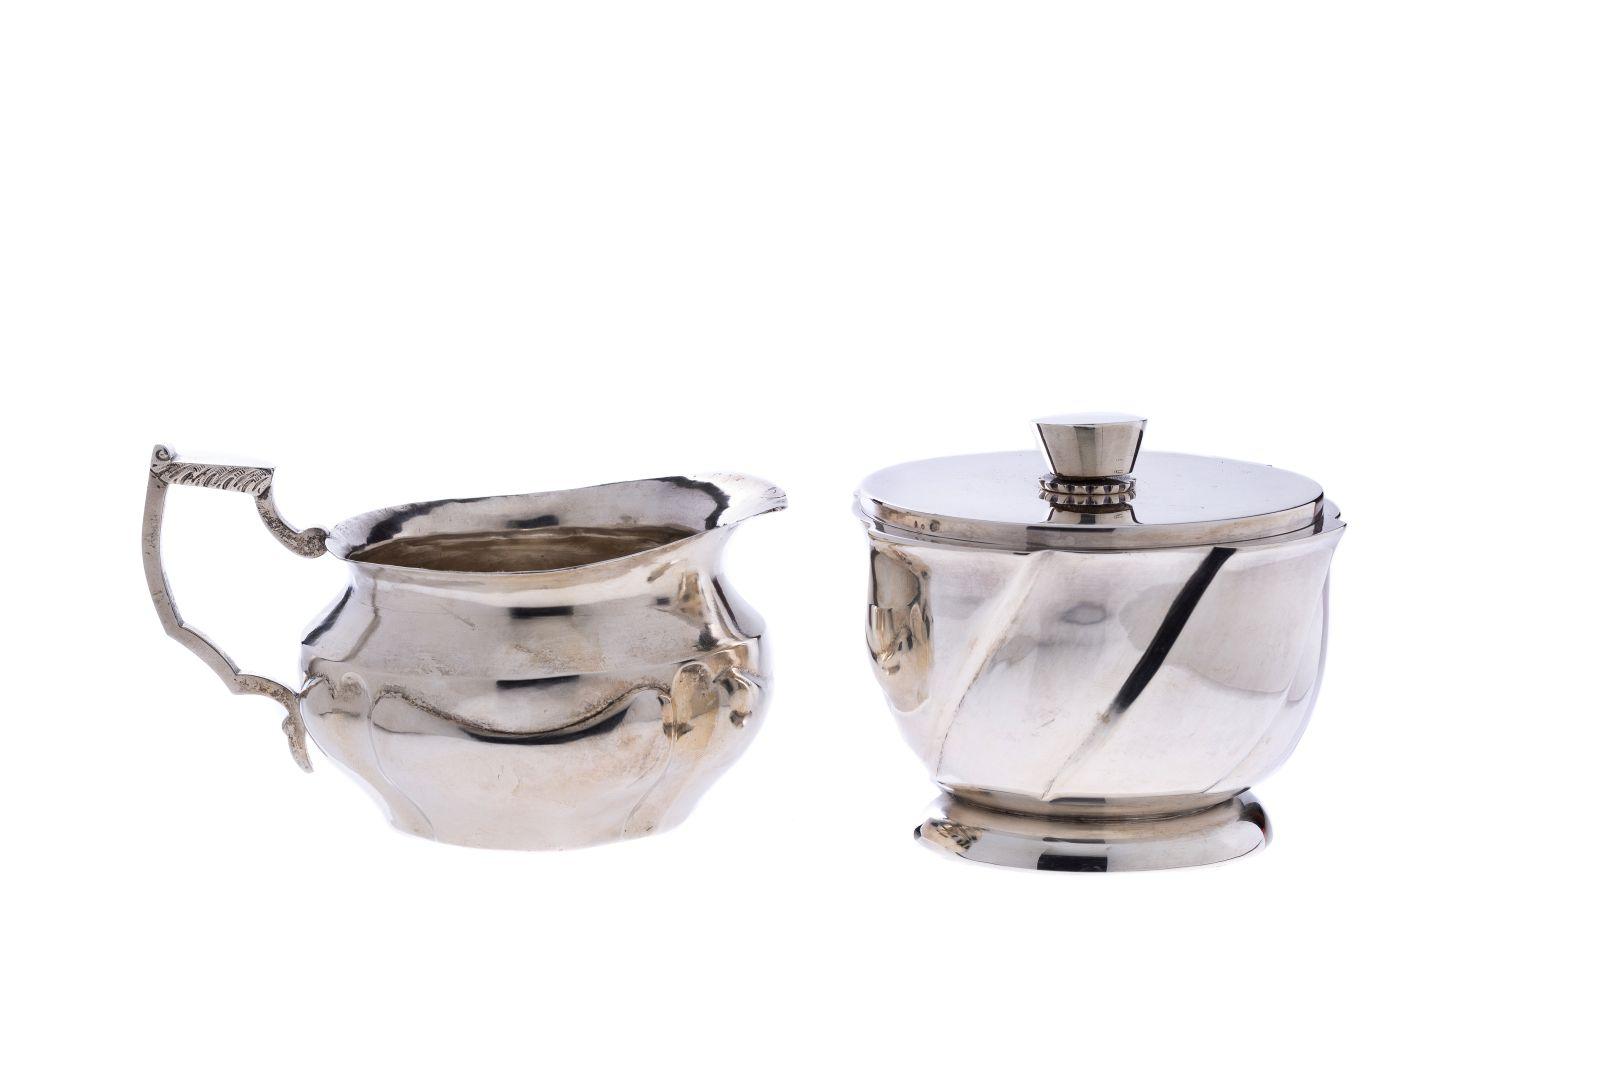 #77 Milk jug and sugar bowl | Milchkännchen und Zuckerdose Image